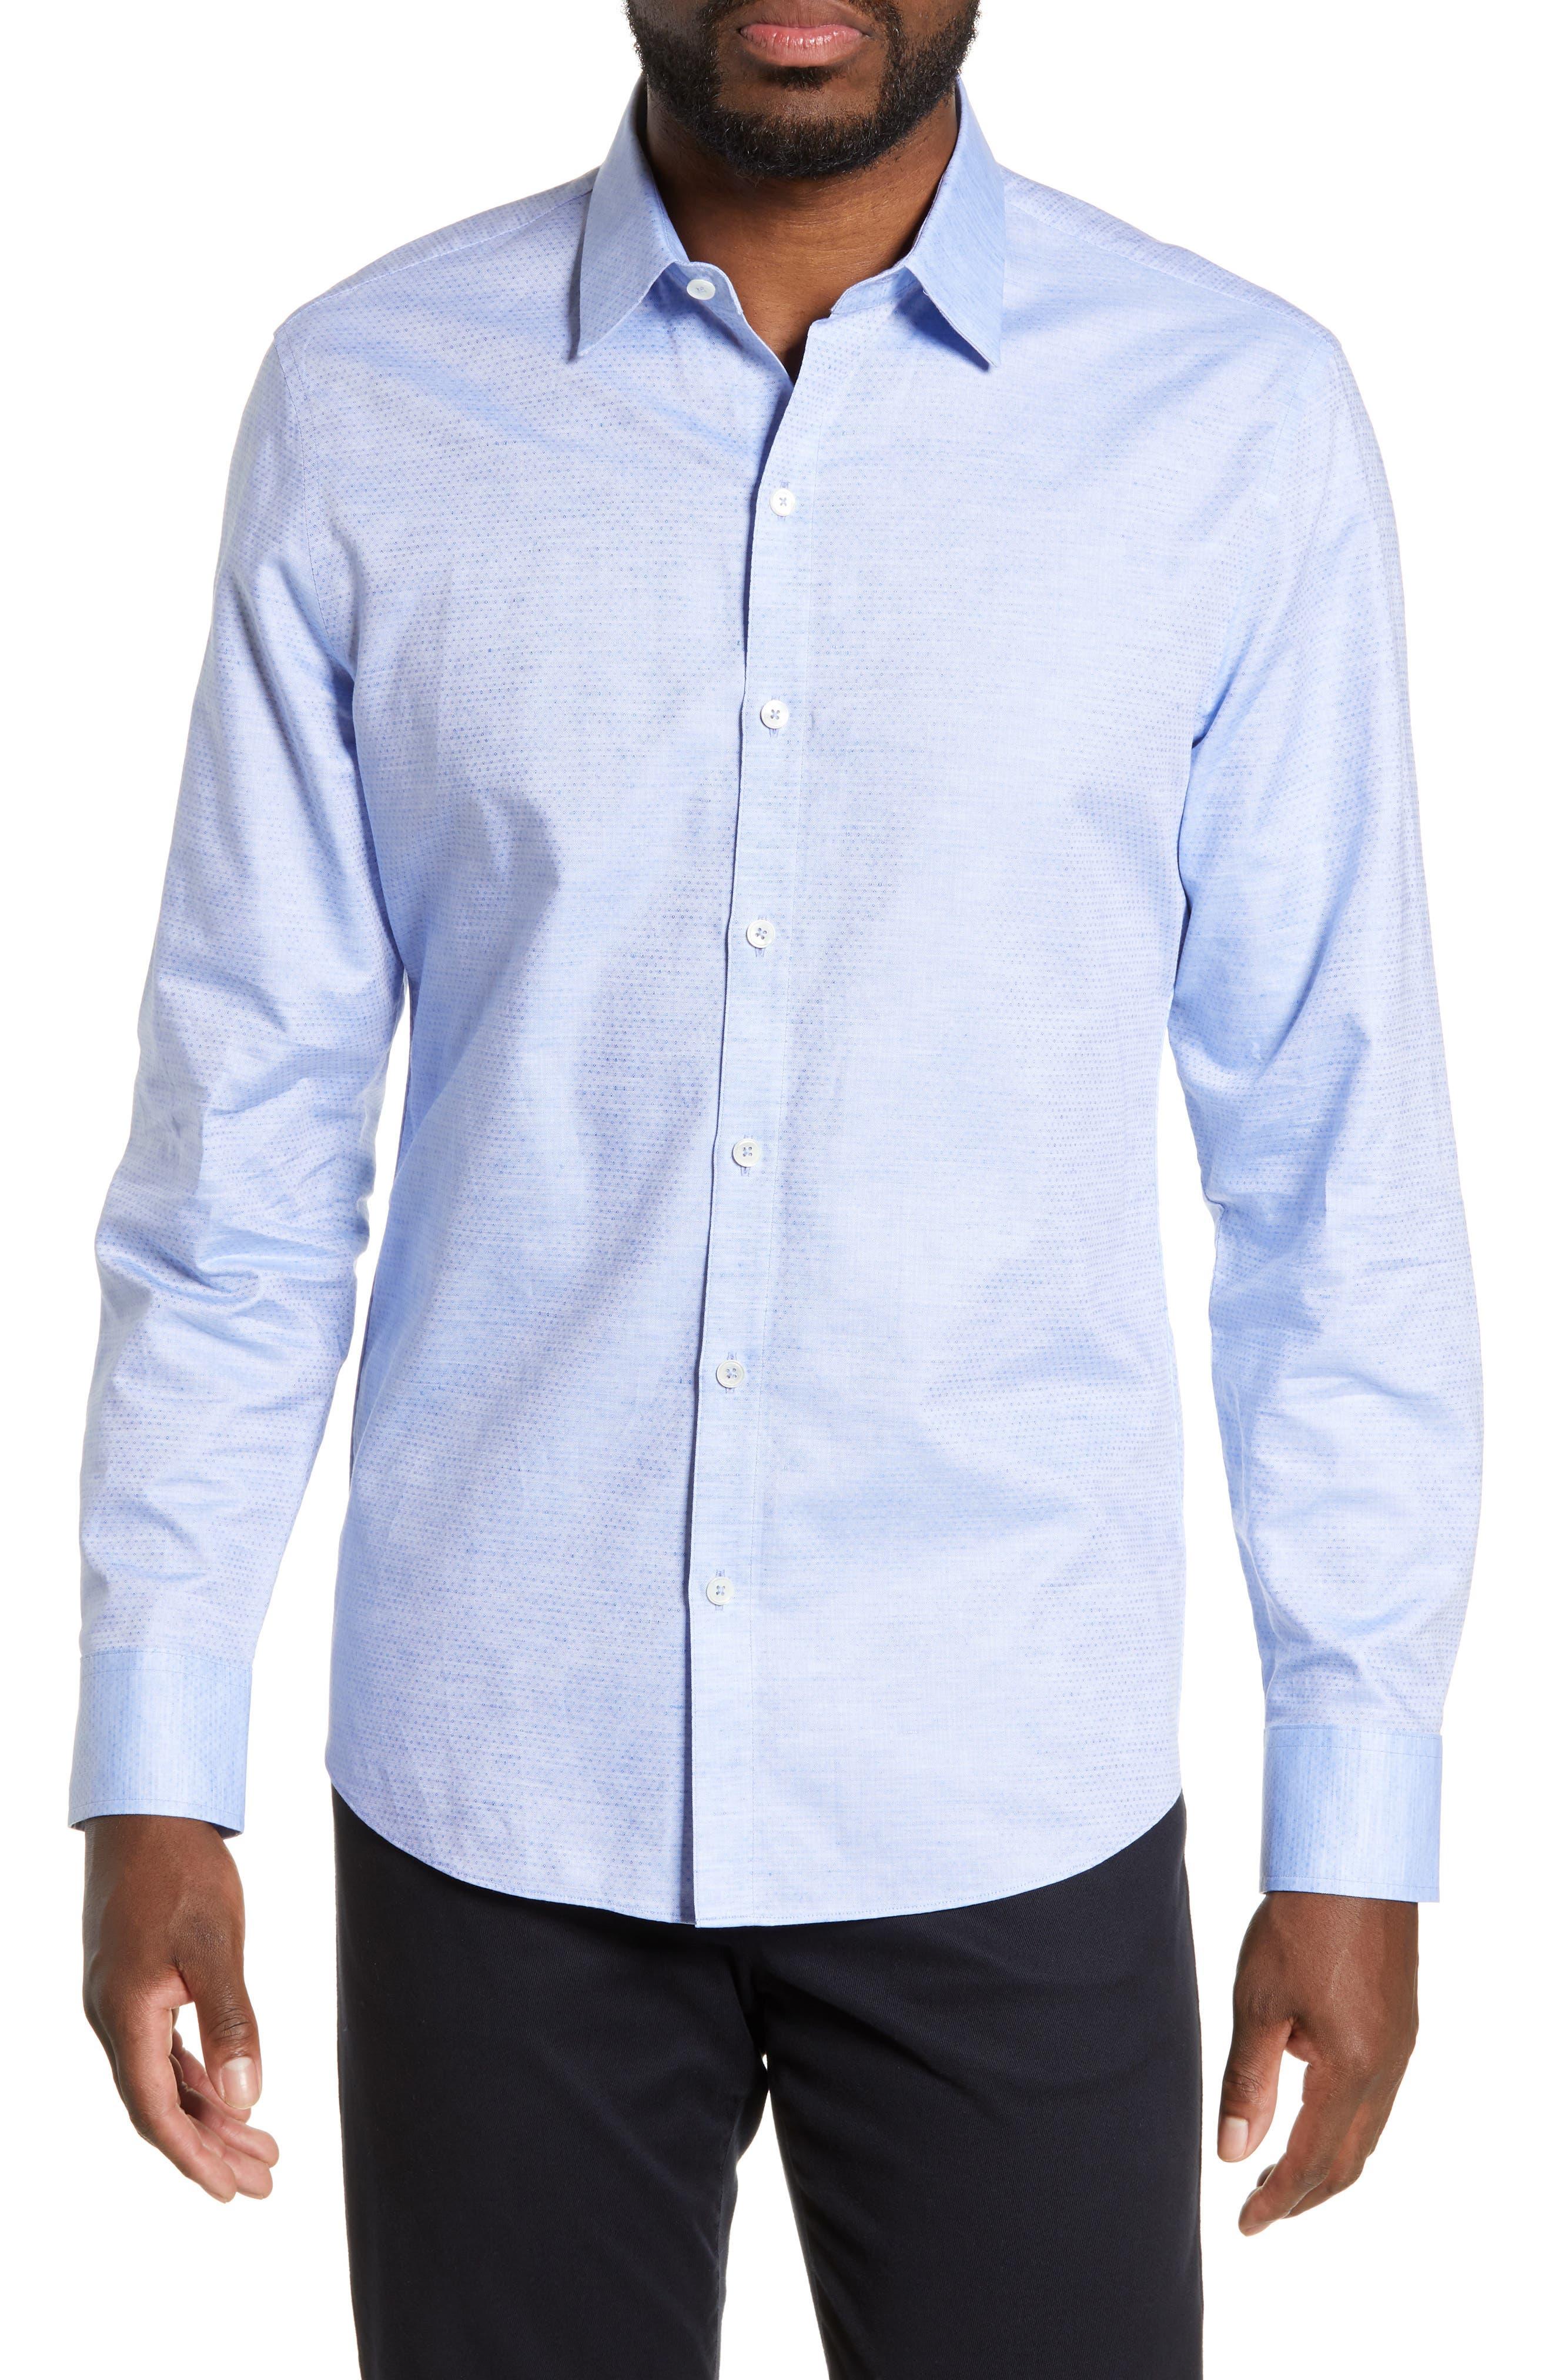 ZACHARY PRELL Alfano Regular Fit Cotton & Linen Sport Shirt, Main, color, LT BLUE